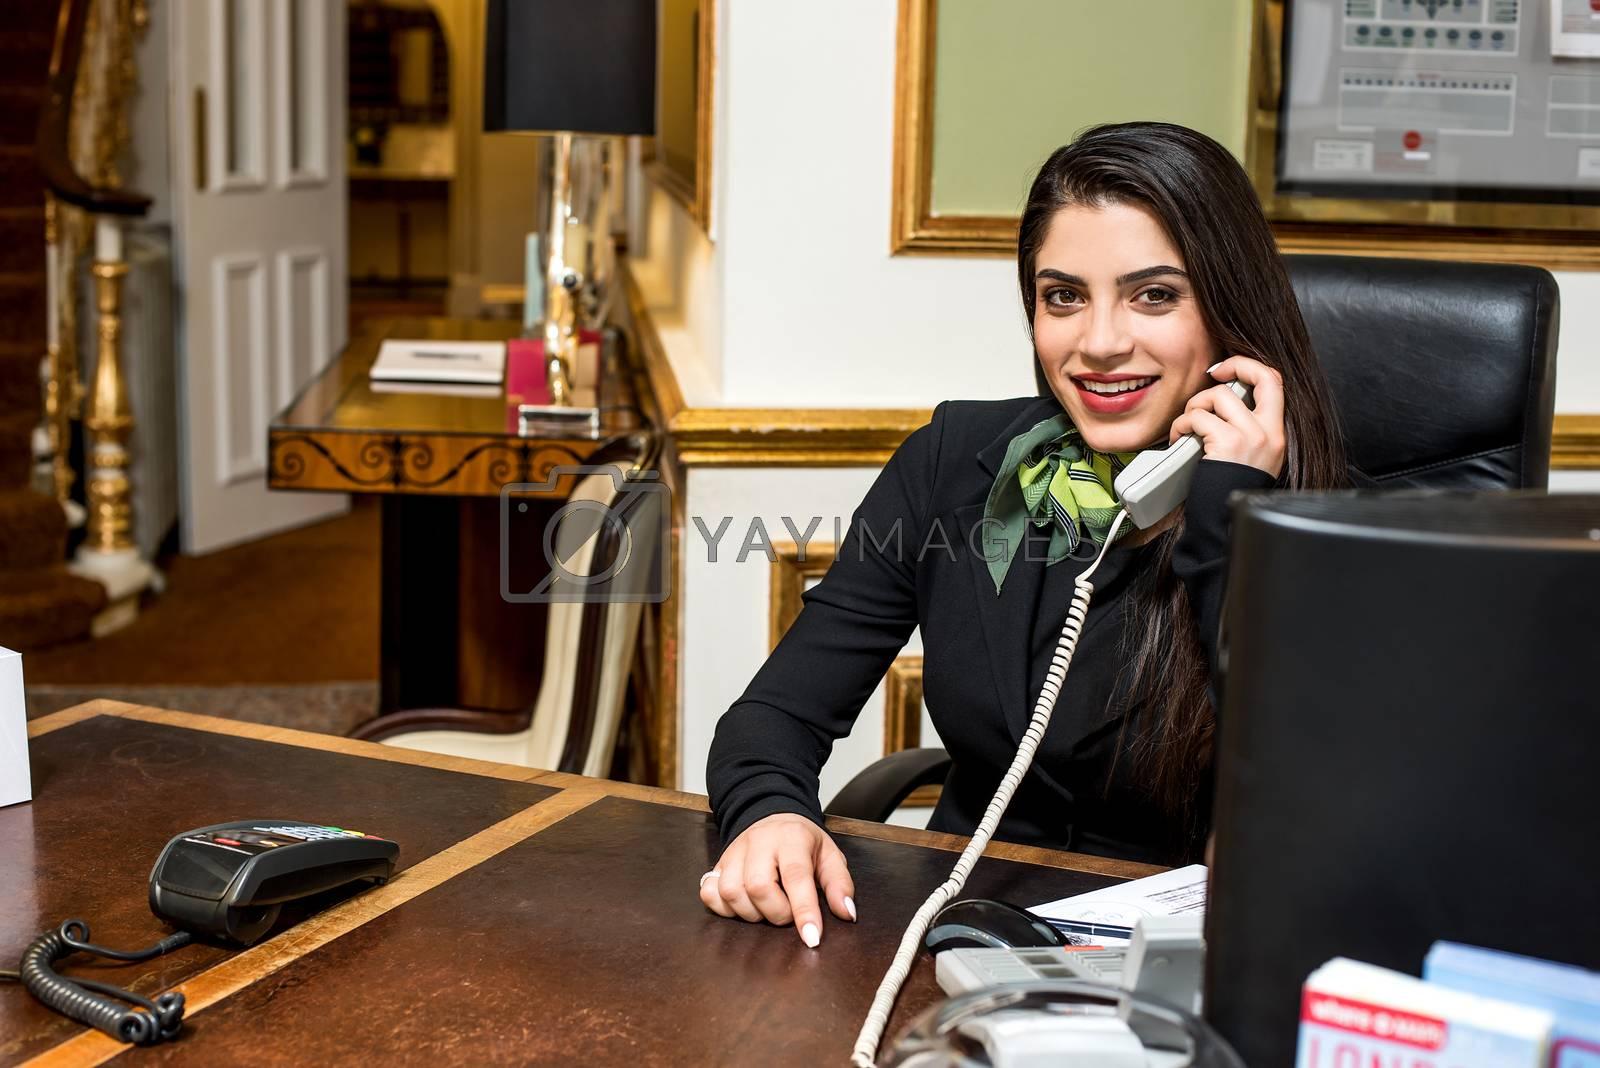 Smiling stylish receptionist talking on telephone